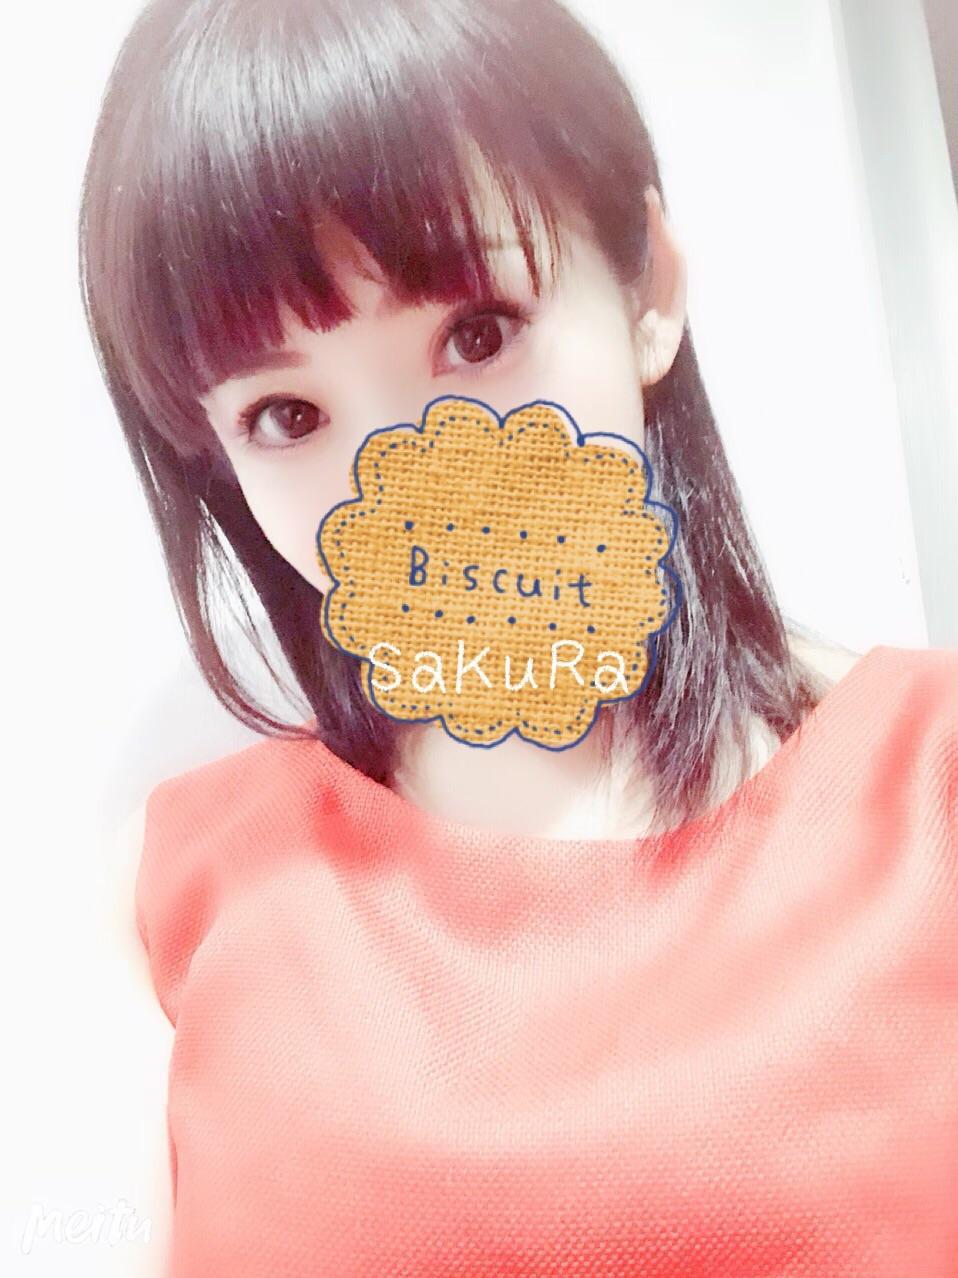 愛ラブ上野(*⁰▿⁰*)By SaKuRa